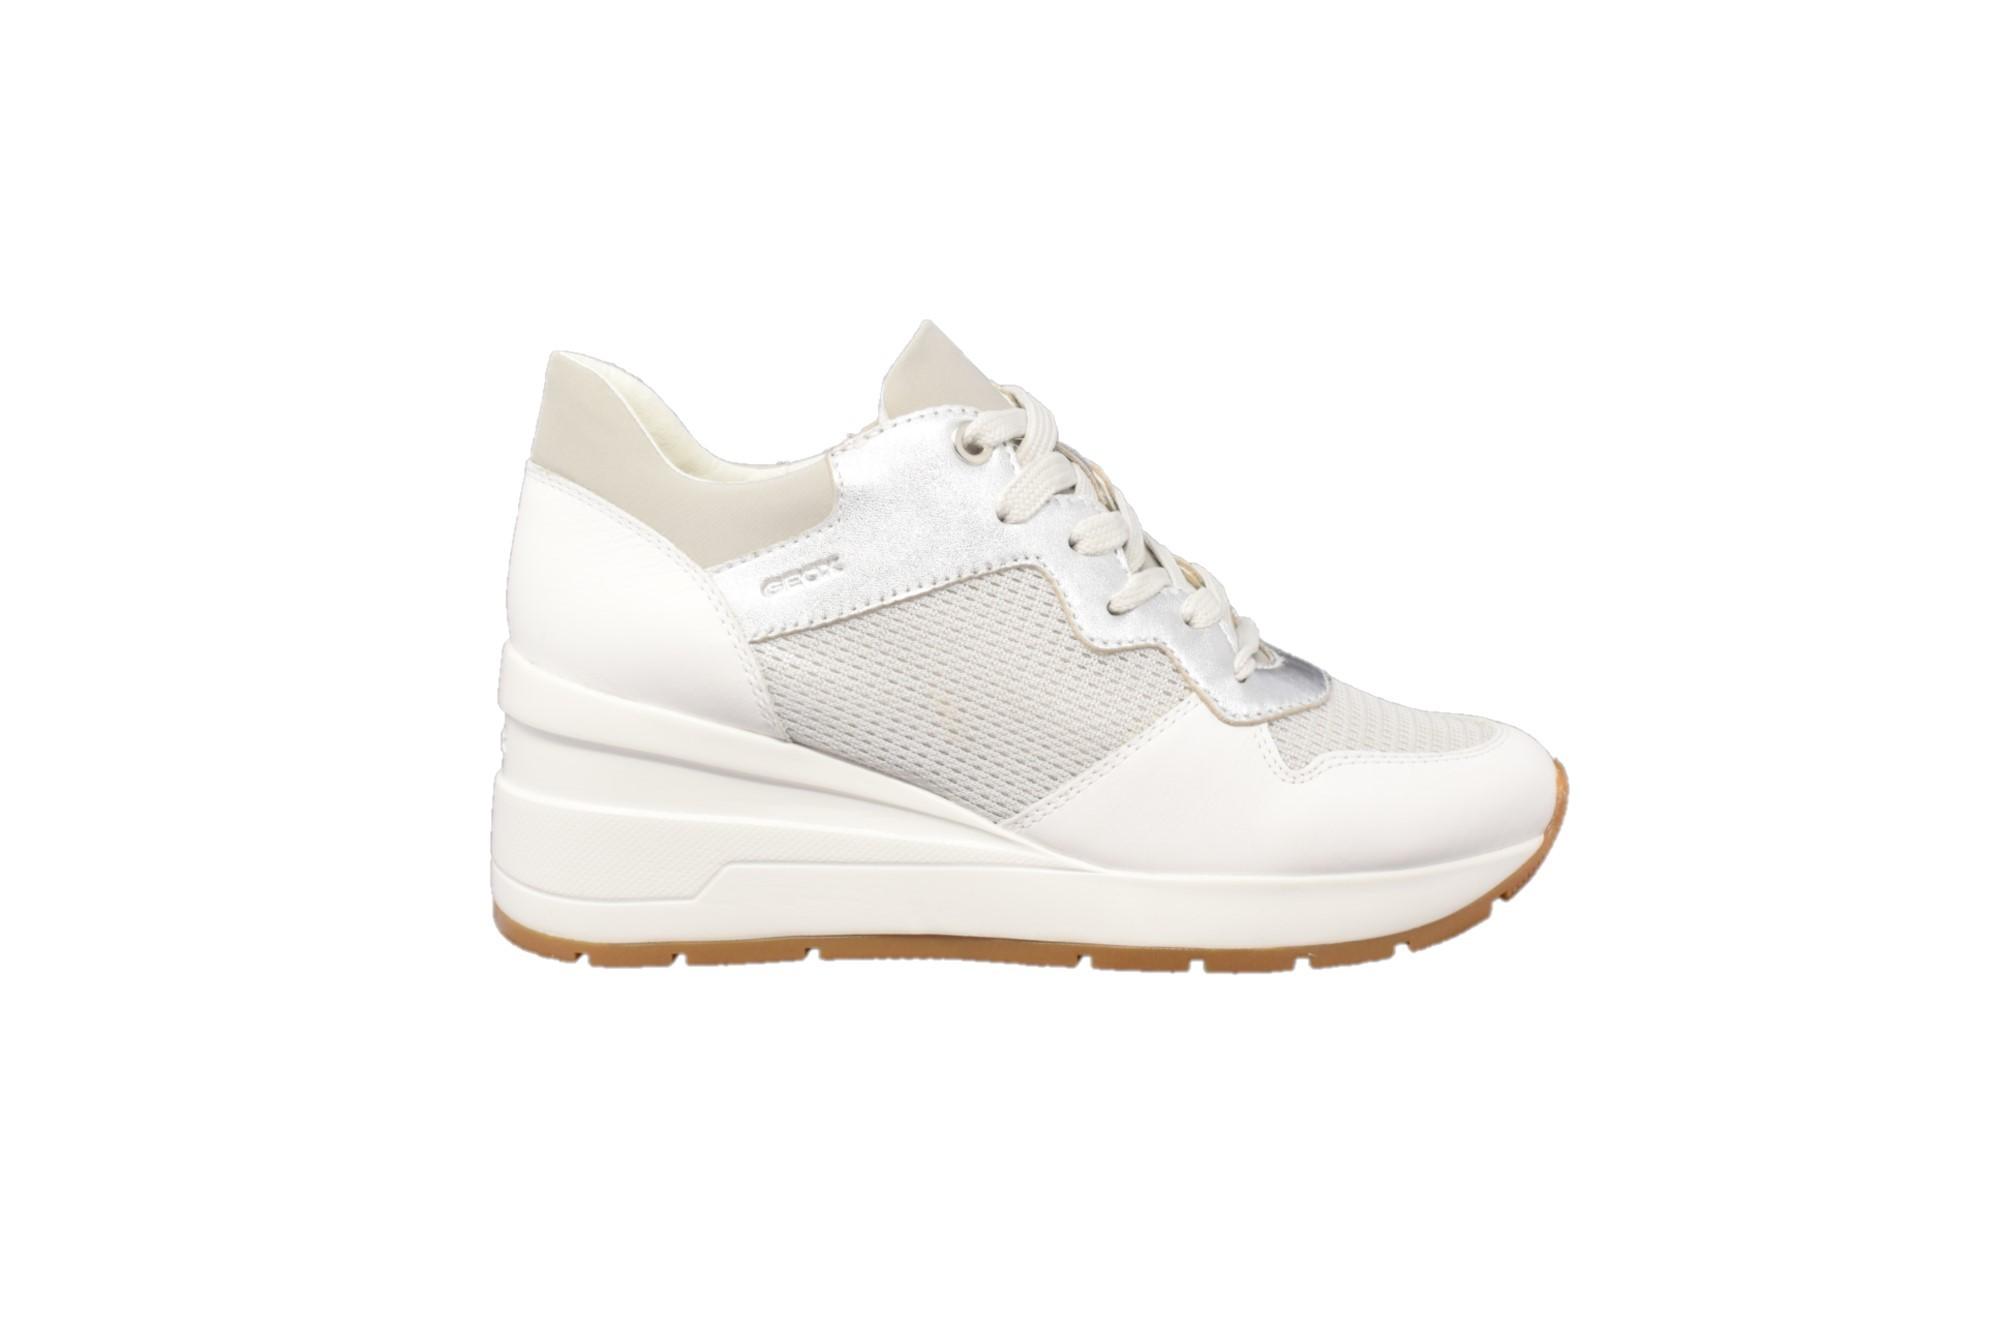 ccf964a0da GEOX D ZOSMA Sneaker Traspirante Leggerissima Flessibile e ...